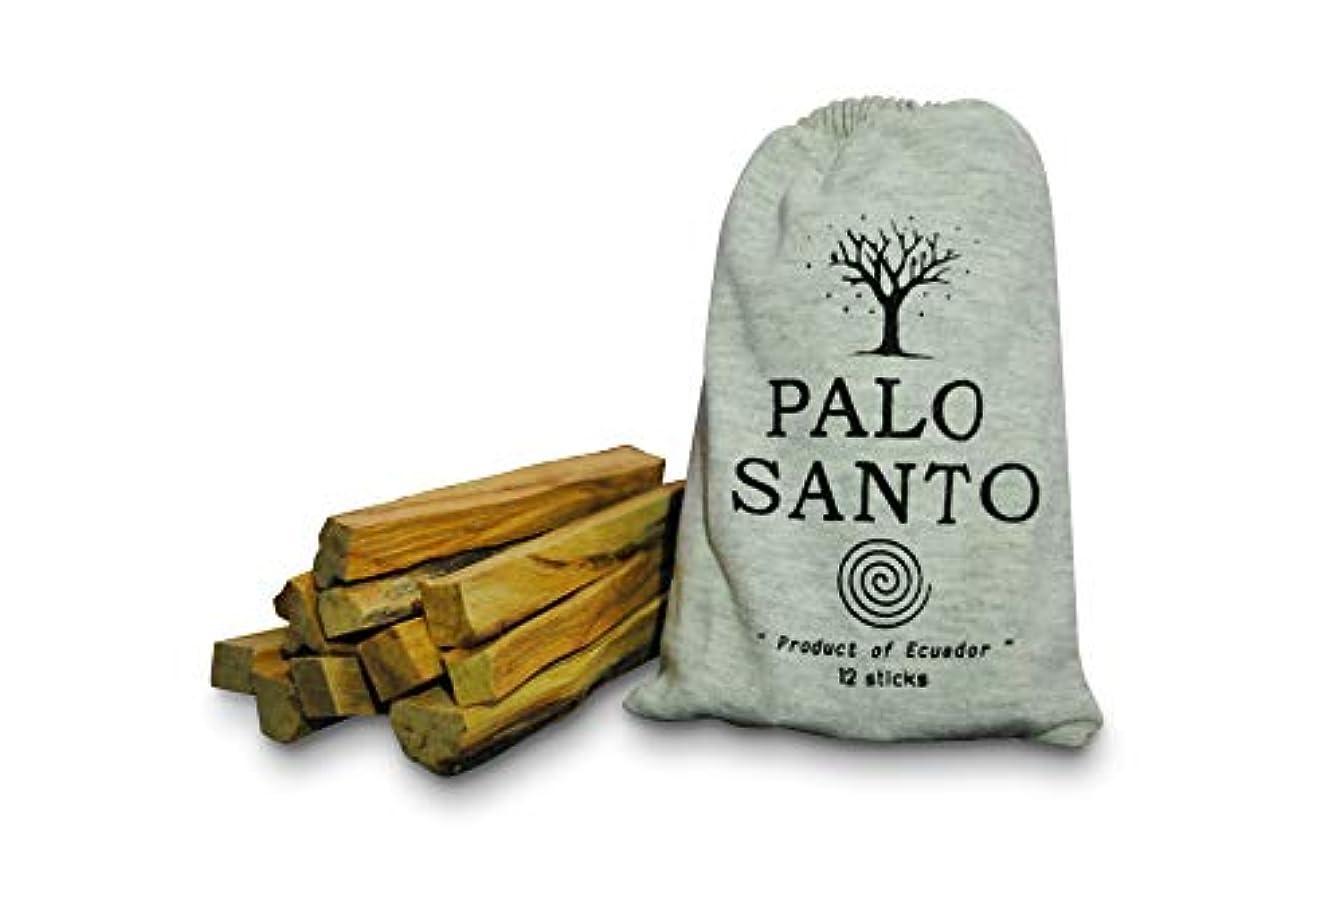 発音する上院議員溶けたオルタナティブ ミラクル パロ サント スマッジスティック - 野生の収穫 聖なる木のお香 スマッジスティック